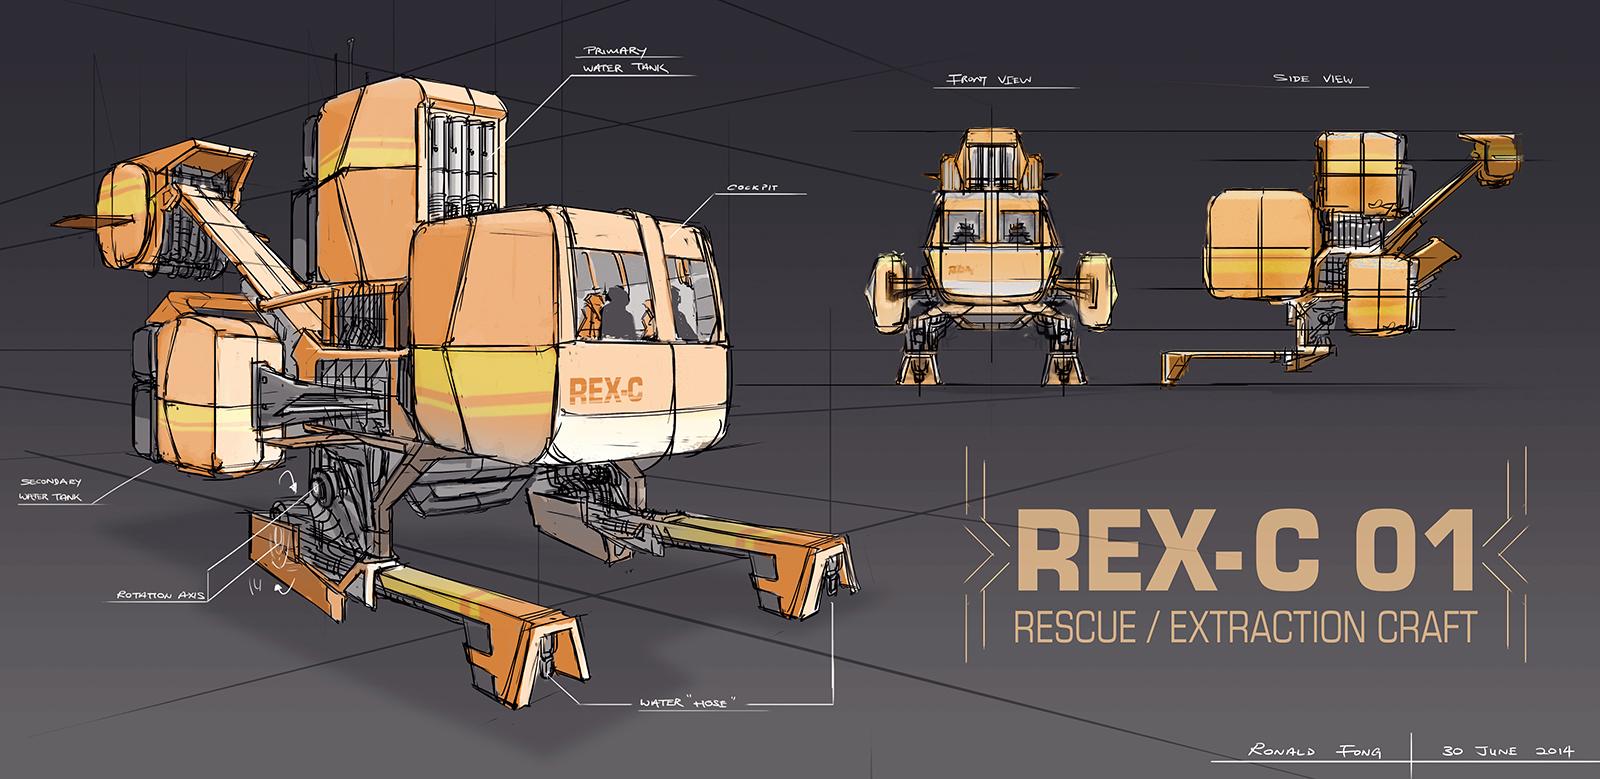 Rex-C